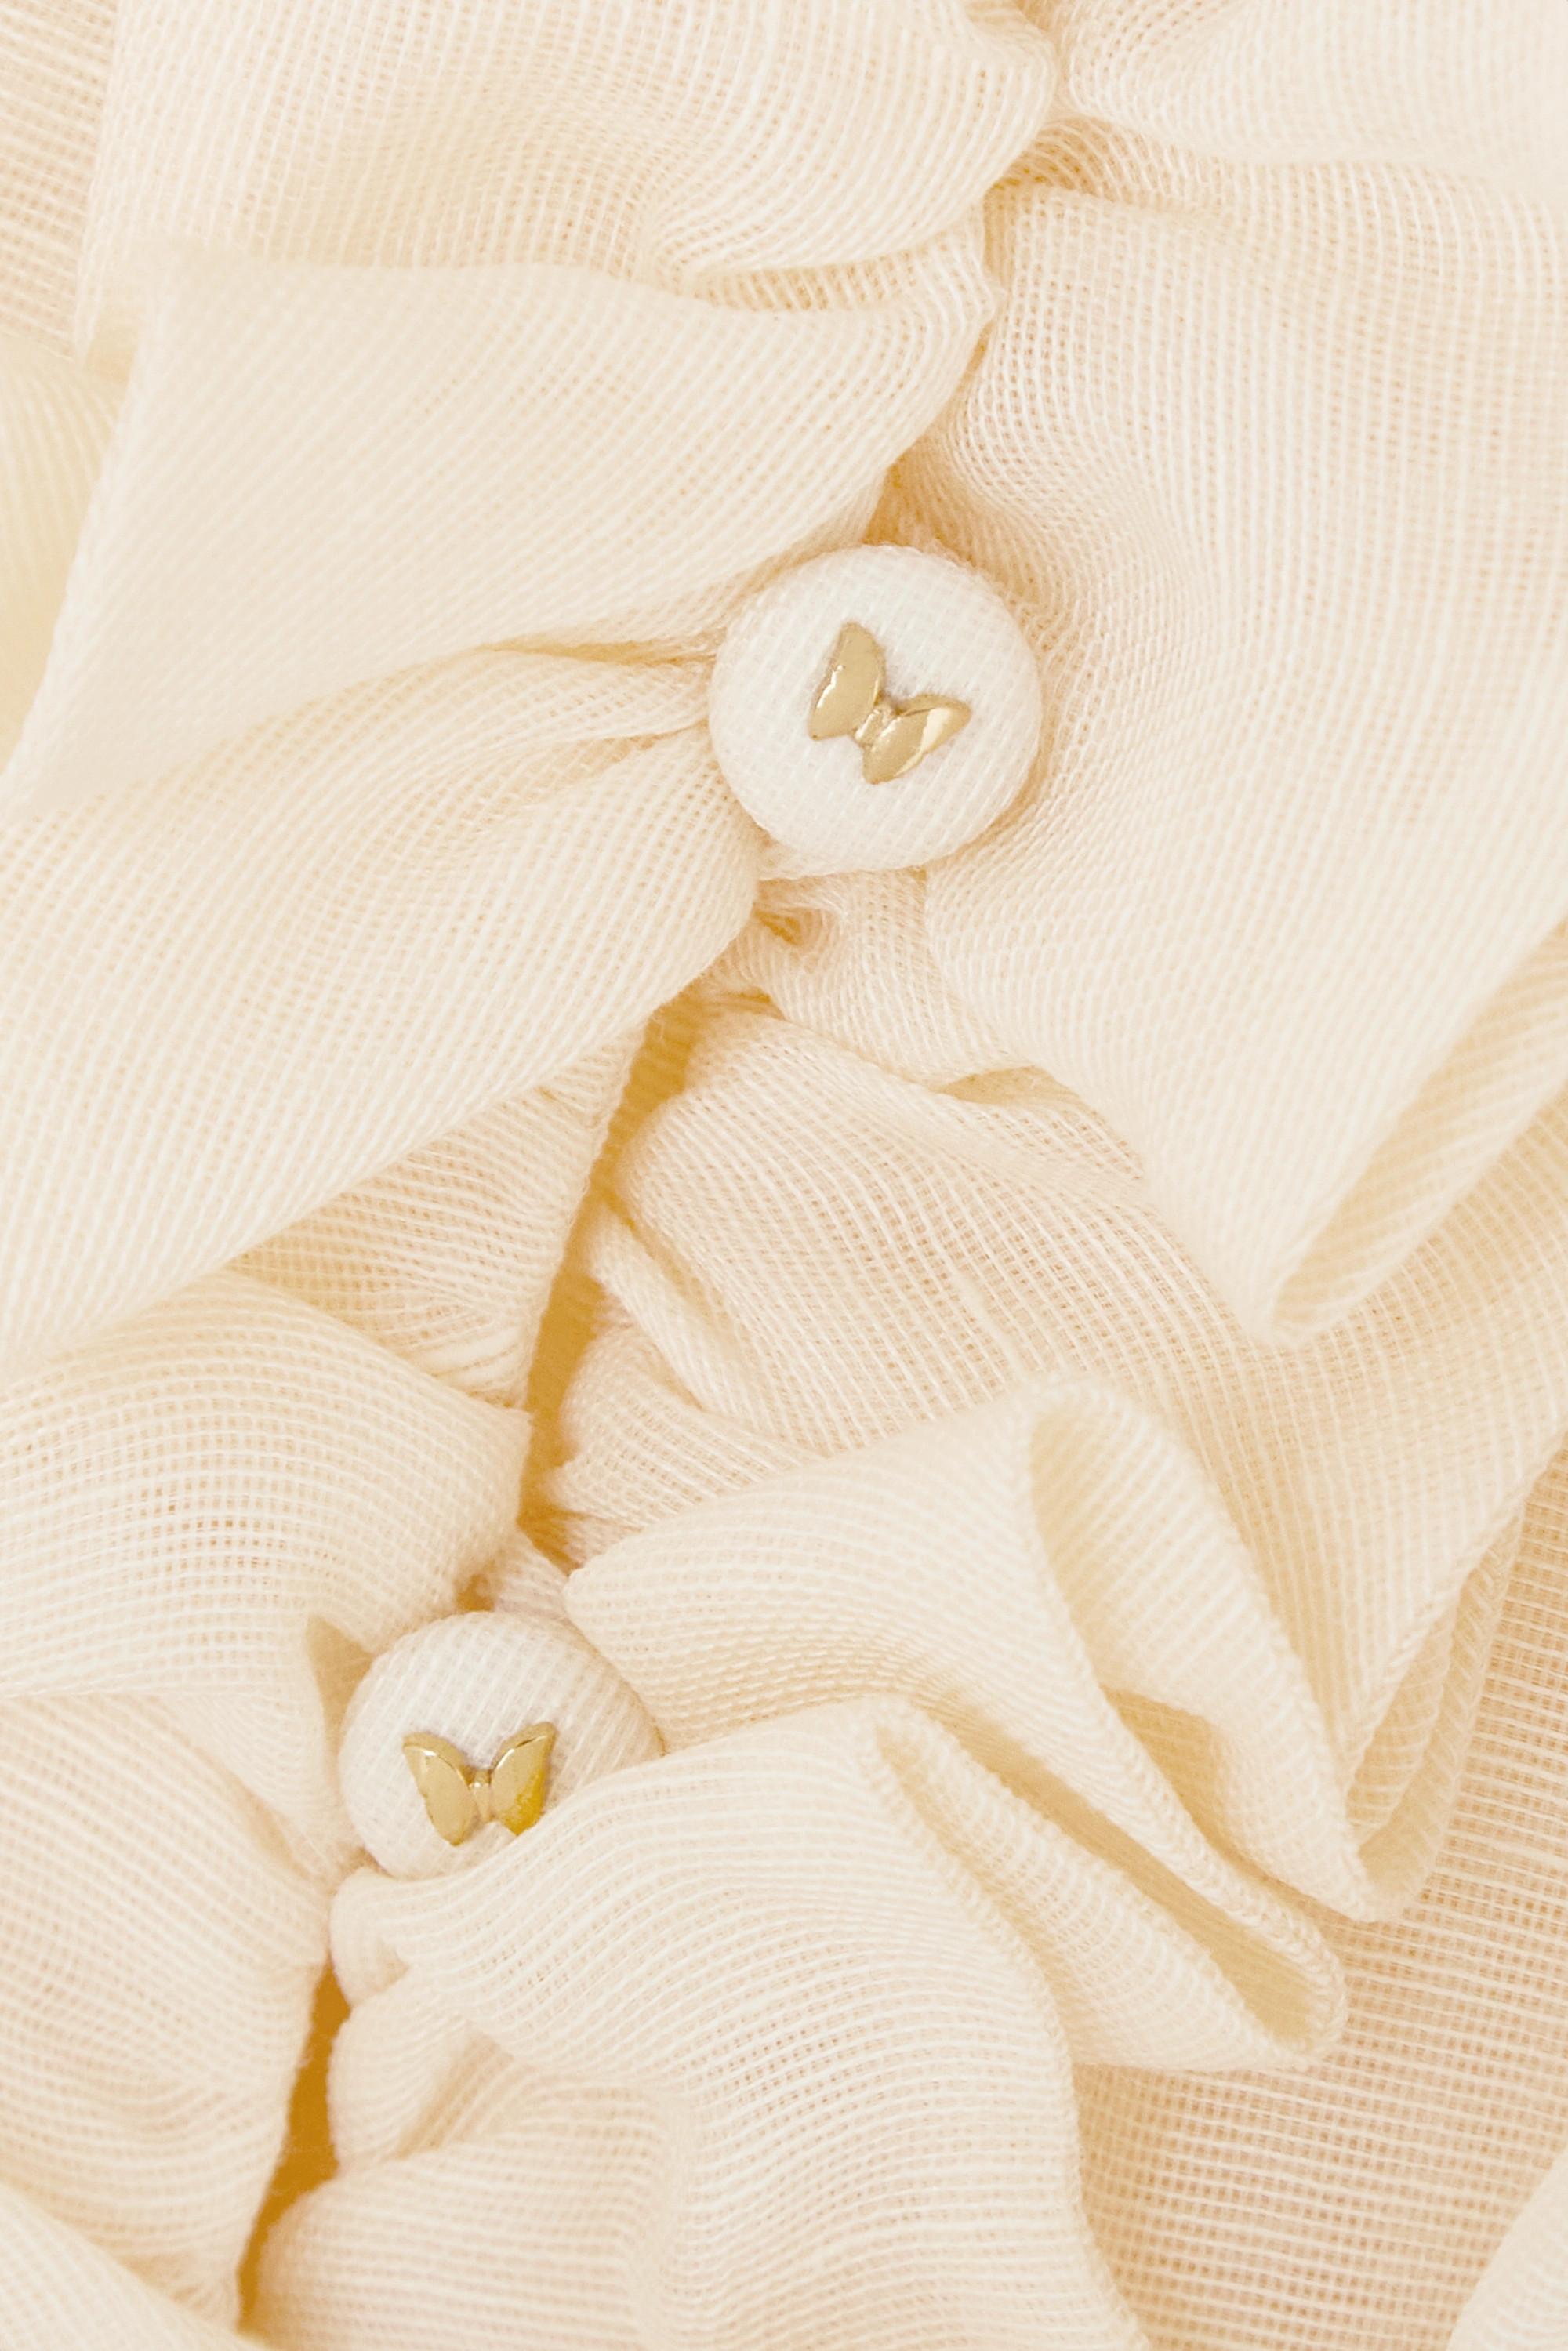 Zimmermann Wild Botanica Robe aus einer Leinen-Seidenmischung mit Raffungen und Rüschen